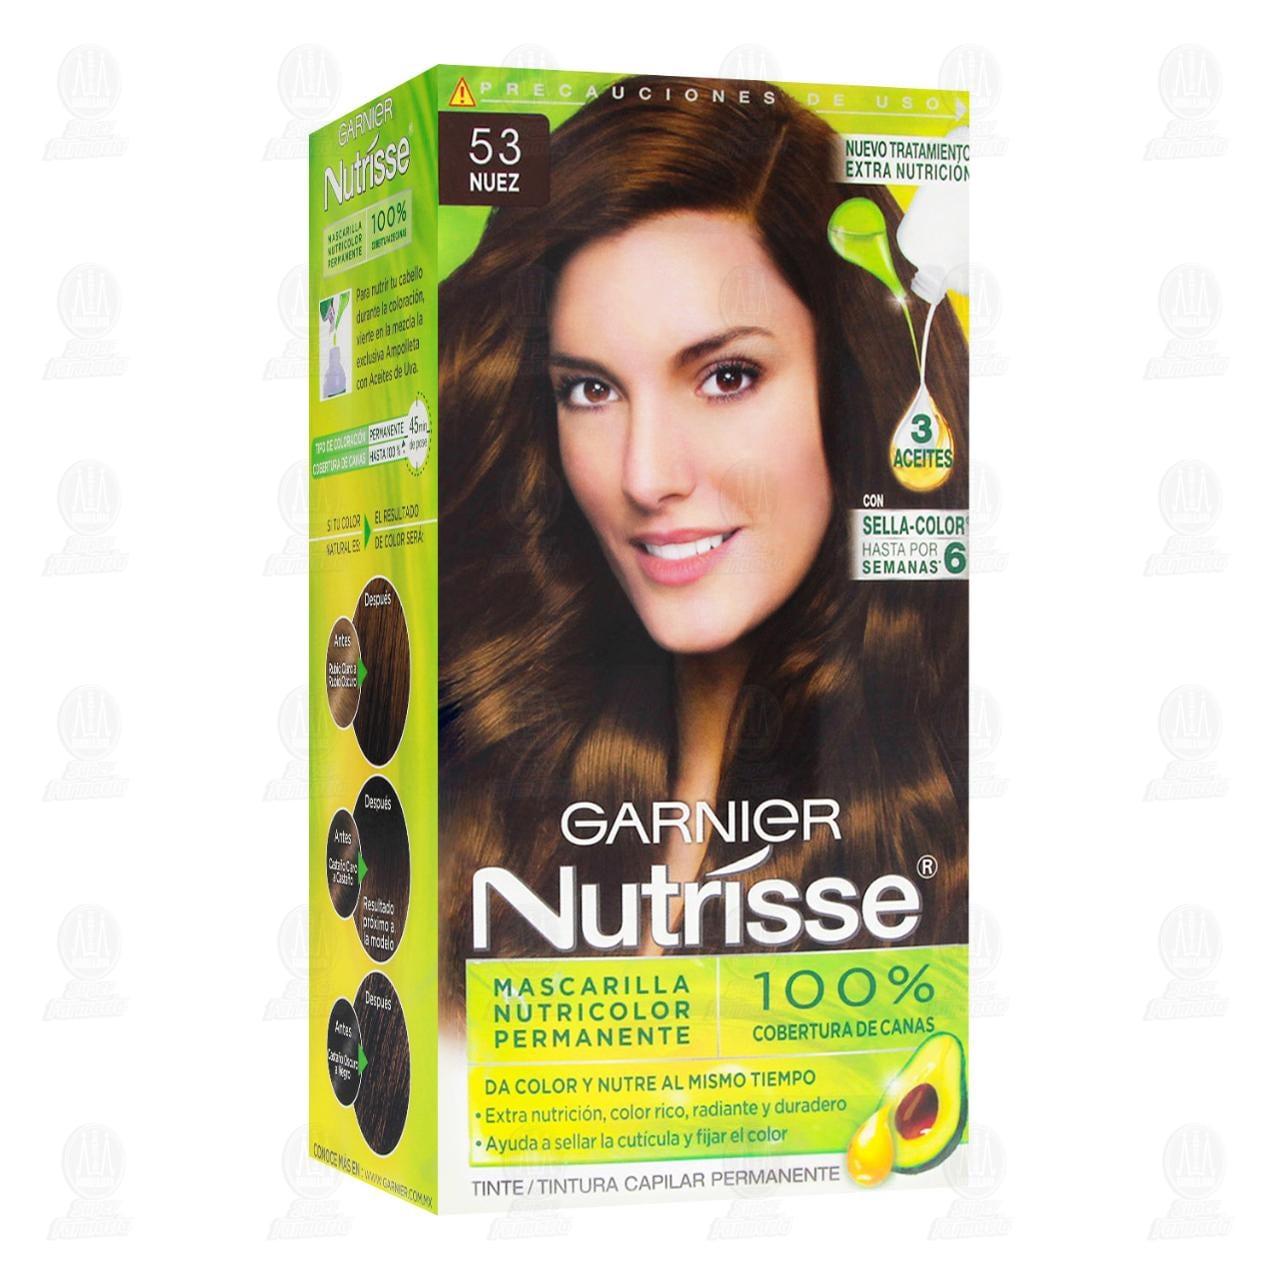 comprar https://www.movil.farmaciasguadalajara.com/wcsstore/FGCAS/wcs/products/873624_A_1280_AL.jpg en farmacias guadalajara